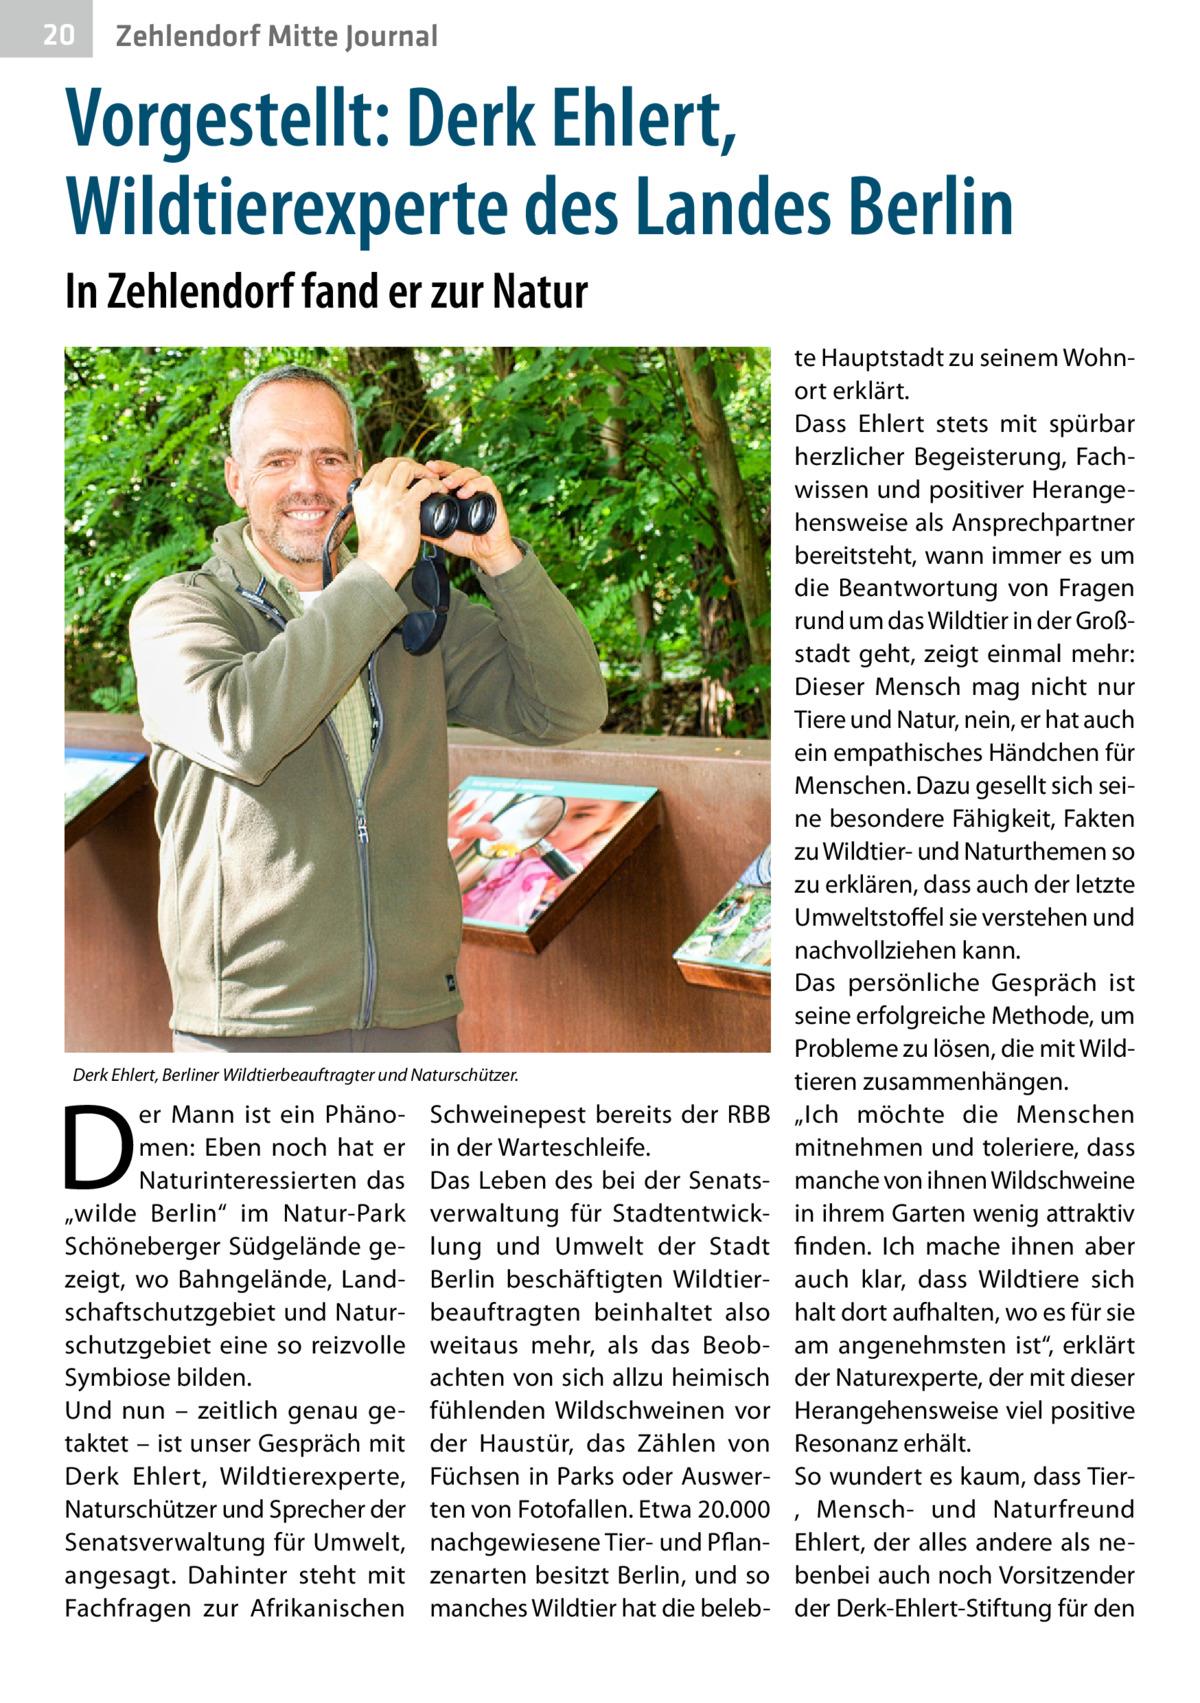 """20  Zehlendorf Mitte Journal  Vorgestellt: Derk Ehlert, Wildtierexperte des Landes Berlin In Zehlendorf fand er zur Natur  Derk Ehlert, Berliner Wildtierbeauftragter und Naturschützer.  D  er Mann ist ein Phänomen: Eben noch hat er Naturinteressierten das """"wilde Berlin"""" im Natur-Park Schöneberger Südgelände gezeigt, wo Bahngelände, Landschaftschutzgebiet und Naturschutzgebiet eine so reizvolle Symbiose bilden. Und nun – zeitlich genau getaktet – ist unser Gespräch mit Derk Ehlert, Wildtierexperte, Naturschützer und Sprecher der Senatsverwaltung für Umwelt, angesagt. Dahinter steht mit Fachfragen zur Afrikanischen  Schweinepest bereits der RBB in der Warteschleife. Das Leben des bei der Senatsverwaltung für Stadtentwicklung und Umwelt der Stadt Berlin beschäftigten Wildtierbeauftragten beinhaltet also weitaus mehr, als das Beobachten von sich allzu heimisch fühlenden Wildschweinen vor der Haustür, das Zählen von Füchsen in Parks oder Auswerten von Fotofallen. Etwa 20.000 nachgewiesene Tier- und Pflanzenarten besitzt Berlin, und so manches Wildtier hat die beleb te Hauptstadt zu seinem Wohnort erklärt. Dass Ehlert stets mit spürbar herzlicher Begeisterung, Fachwissen und positiver Herangehensweise als Ansprechpartner bereitsteht, wann immer es um die Beantwortung von Fragen rund um das Wildtier in der Großstadt geht, zeigt einmal mehr: Dieser Mensch mag nicht nur Tiere und Natur, nein, er hat auch ein empathisches Händchen für Menschen. Dazu gesellt sich seine besondere Fähigkeit, Fakten zu Wildtier- und Naturthemen so zu erklären, dass auch der letzte Umweltstoffel sie verstehen und nachvollziehen kann. Das persönliche Gespräch ist seine erfolgreiche Methode, um Probleme zu lösen, die mit Wildtieren zusammenhängen. """"Ich möchte die Menschen mitnehmen und toleriere, dass manche von ihnen Wildschweine in ihrem Garten wenig attraktiv finden. Ich mache ihnen aber auch klar, dass Wildtiere sich halt dort aufhalten, wo es für sie am angenehmsten ist"""", erklärt der Naturexper"""